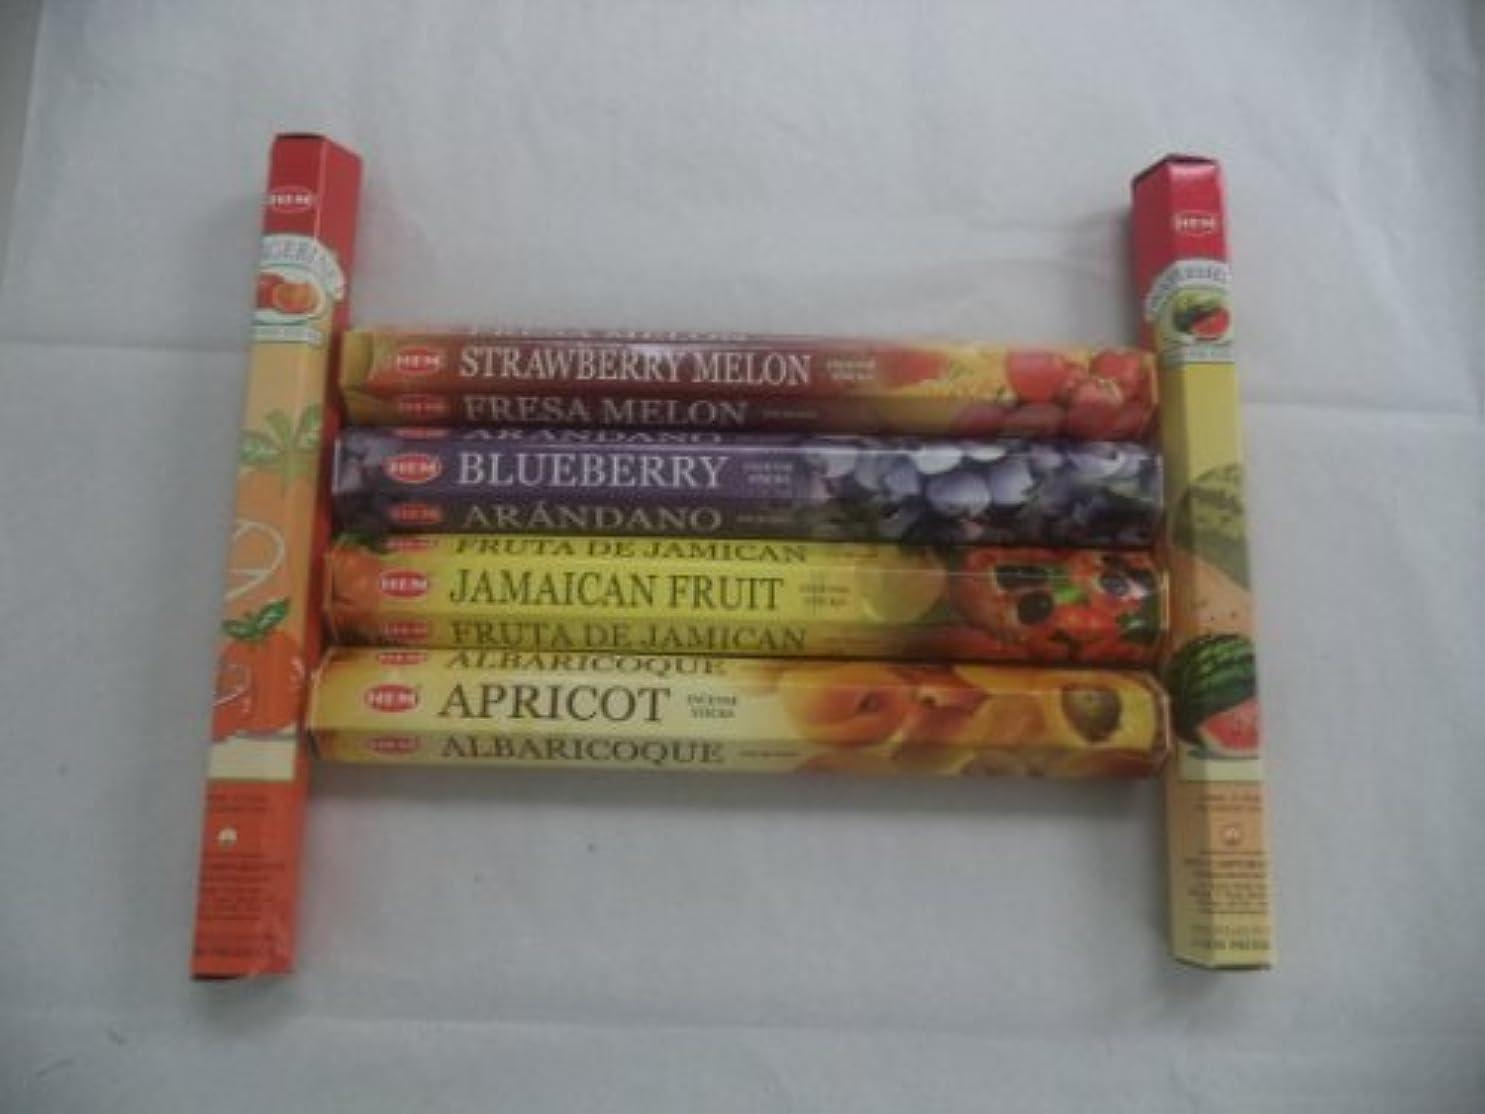 筋肉のアルプス蒸発するHem Fruitさまざまなお香セット6 x 20 = 120 Sticksさまざまなギフトパック